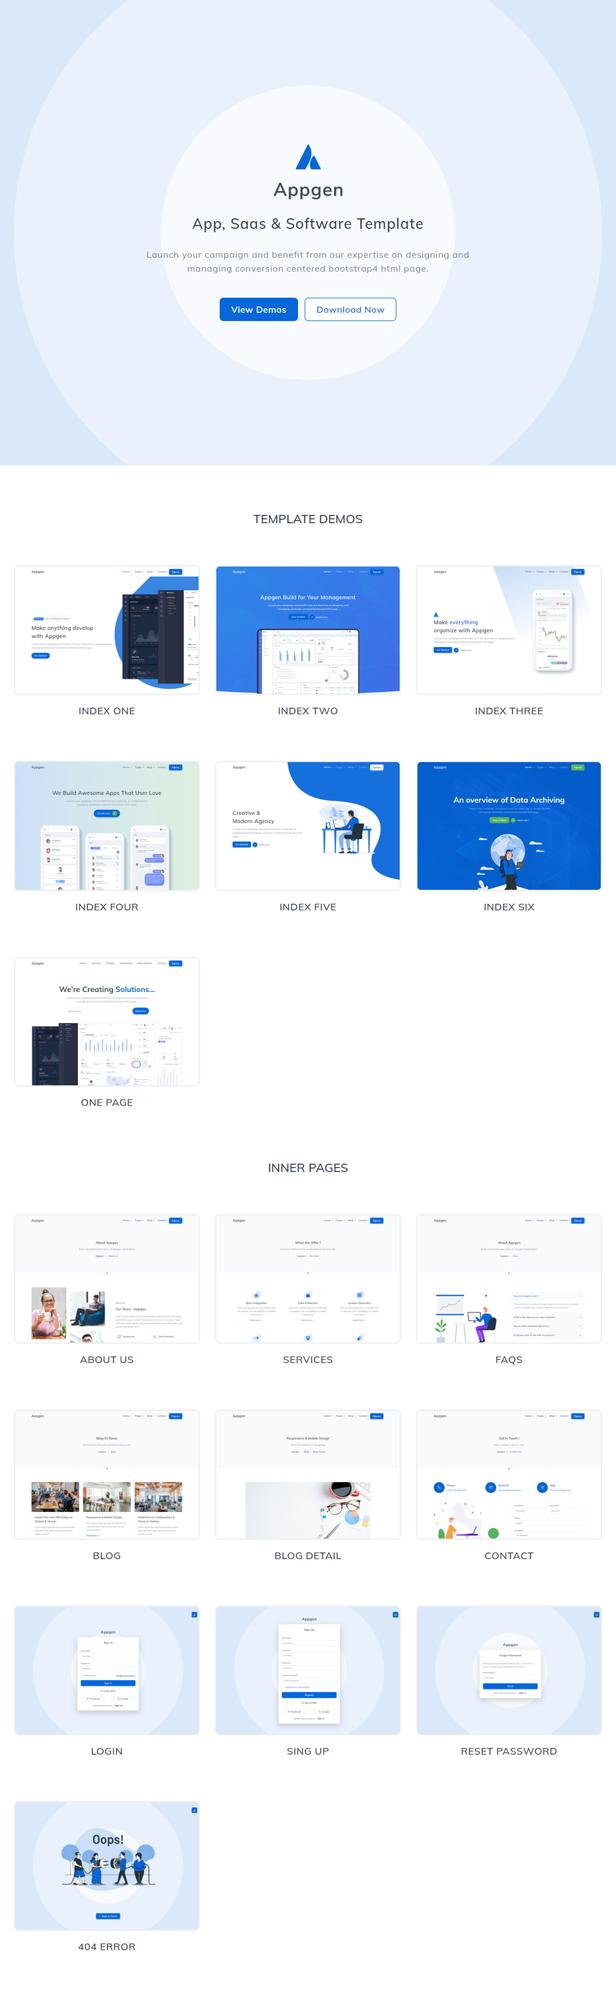 Appgen - App, Saas & Software Landing Page Template - 1